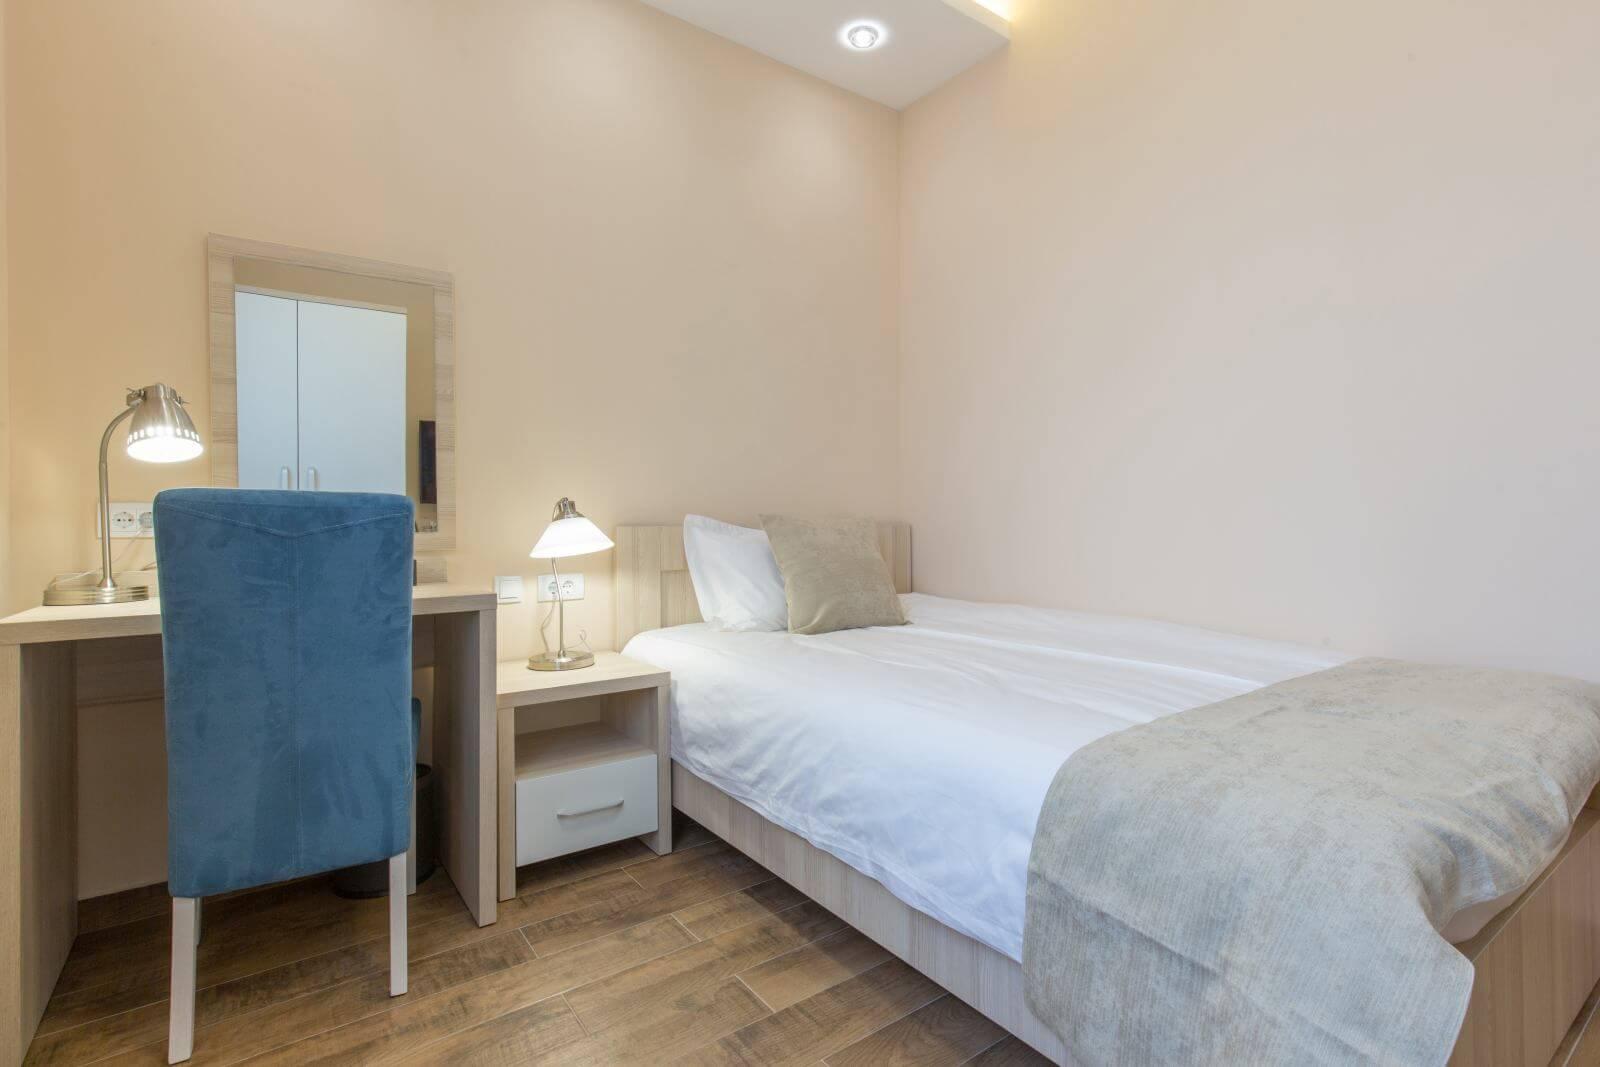 Hotel room interior, beige bedroom